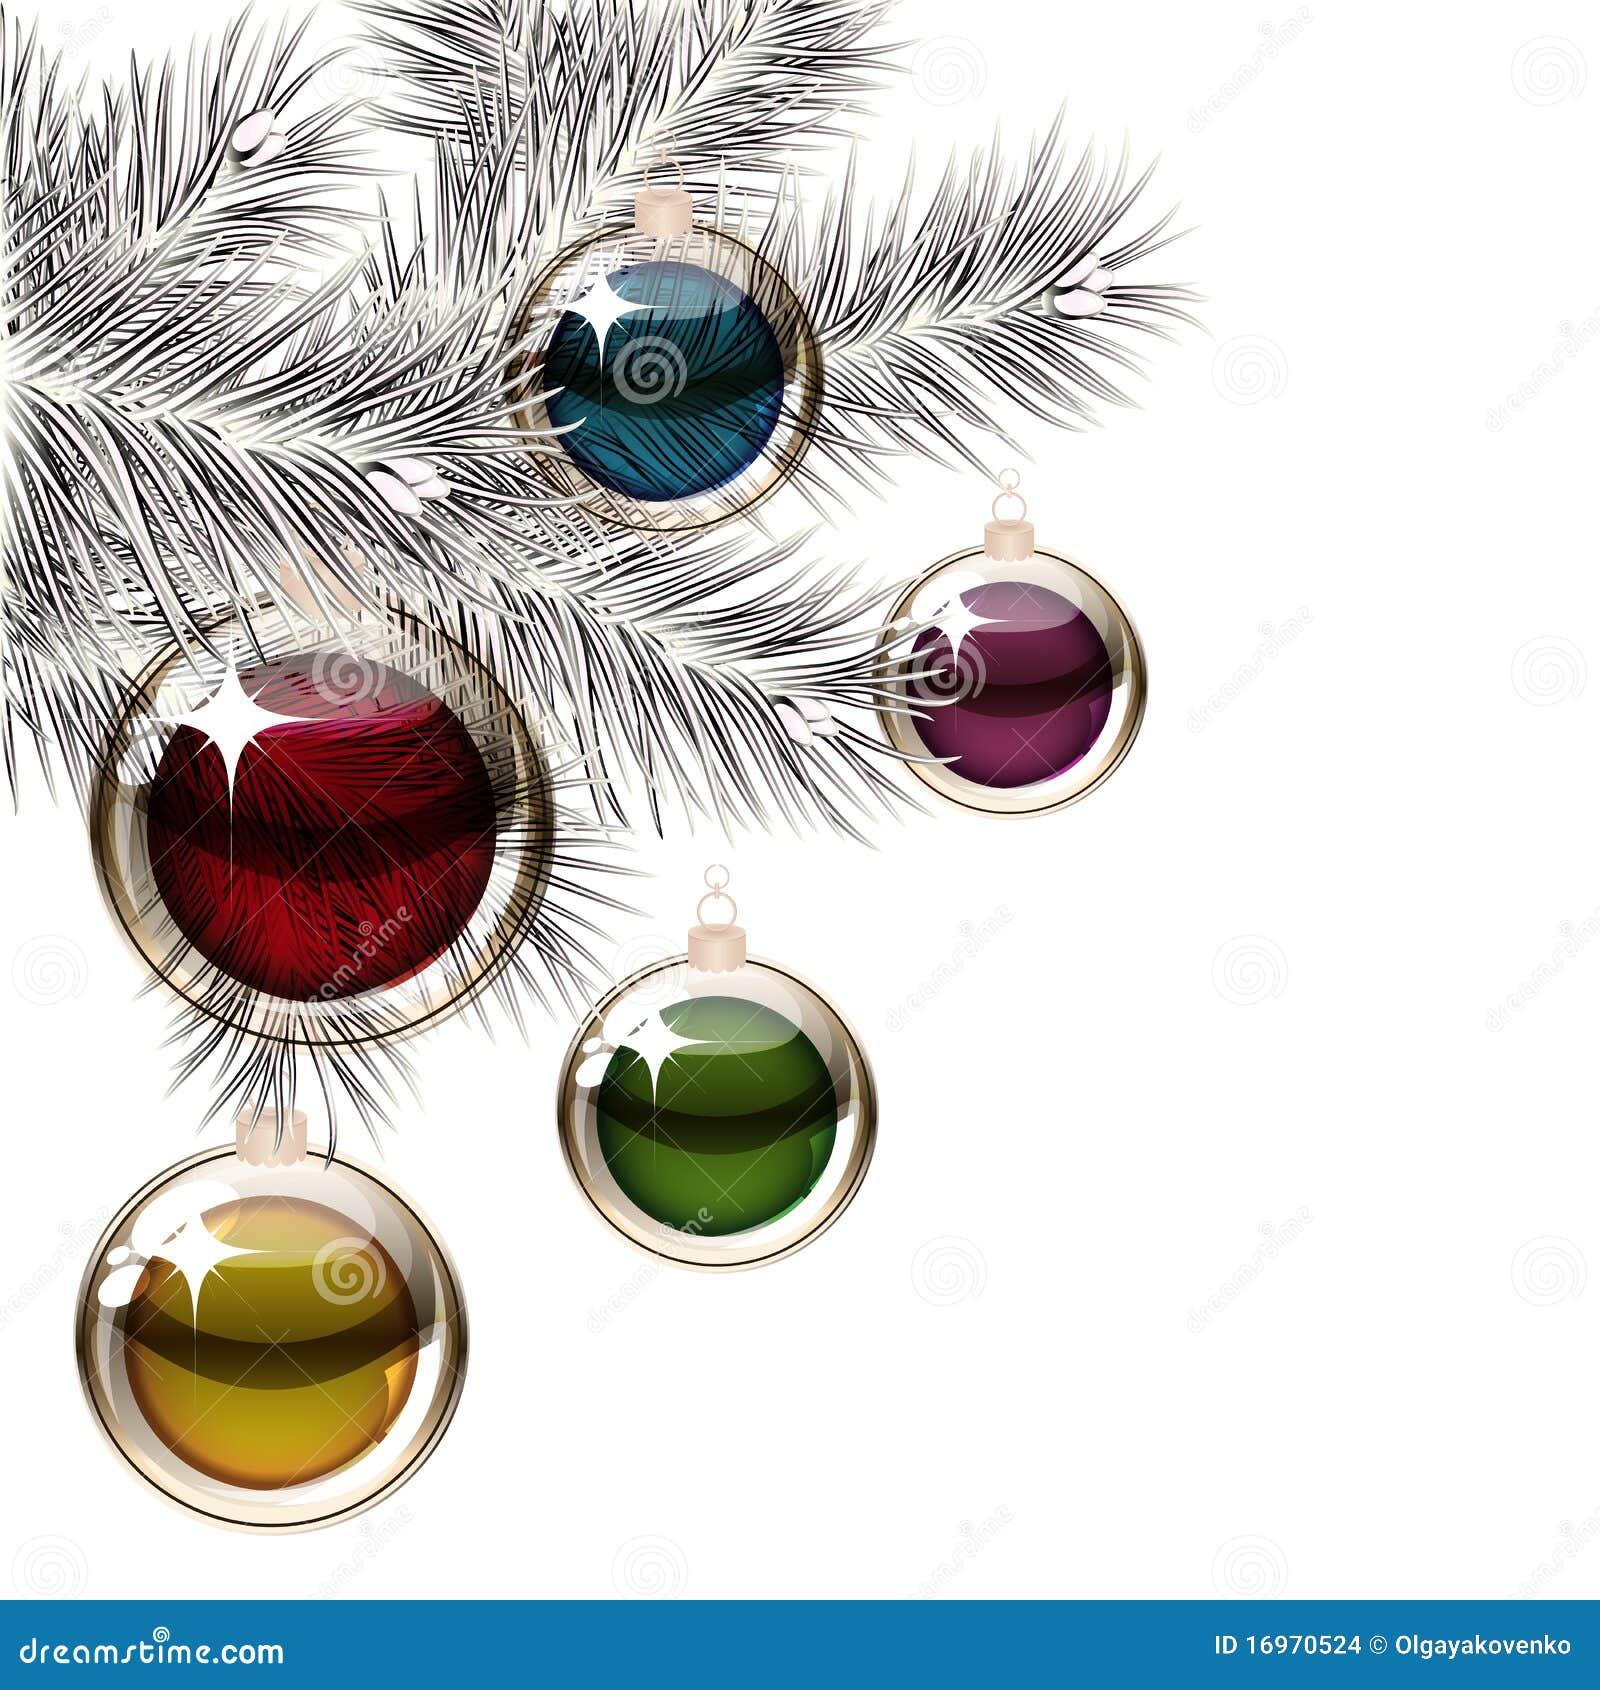 Rbol de navidad y bolas transparentes ilustraci n del vector ilustraci n de celebre - Bolas navidad transparentes ...